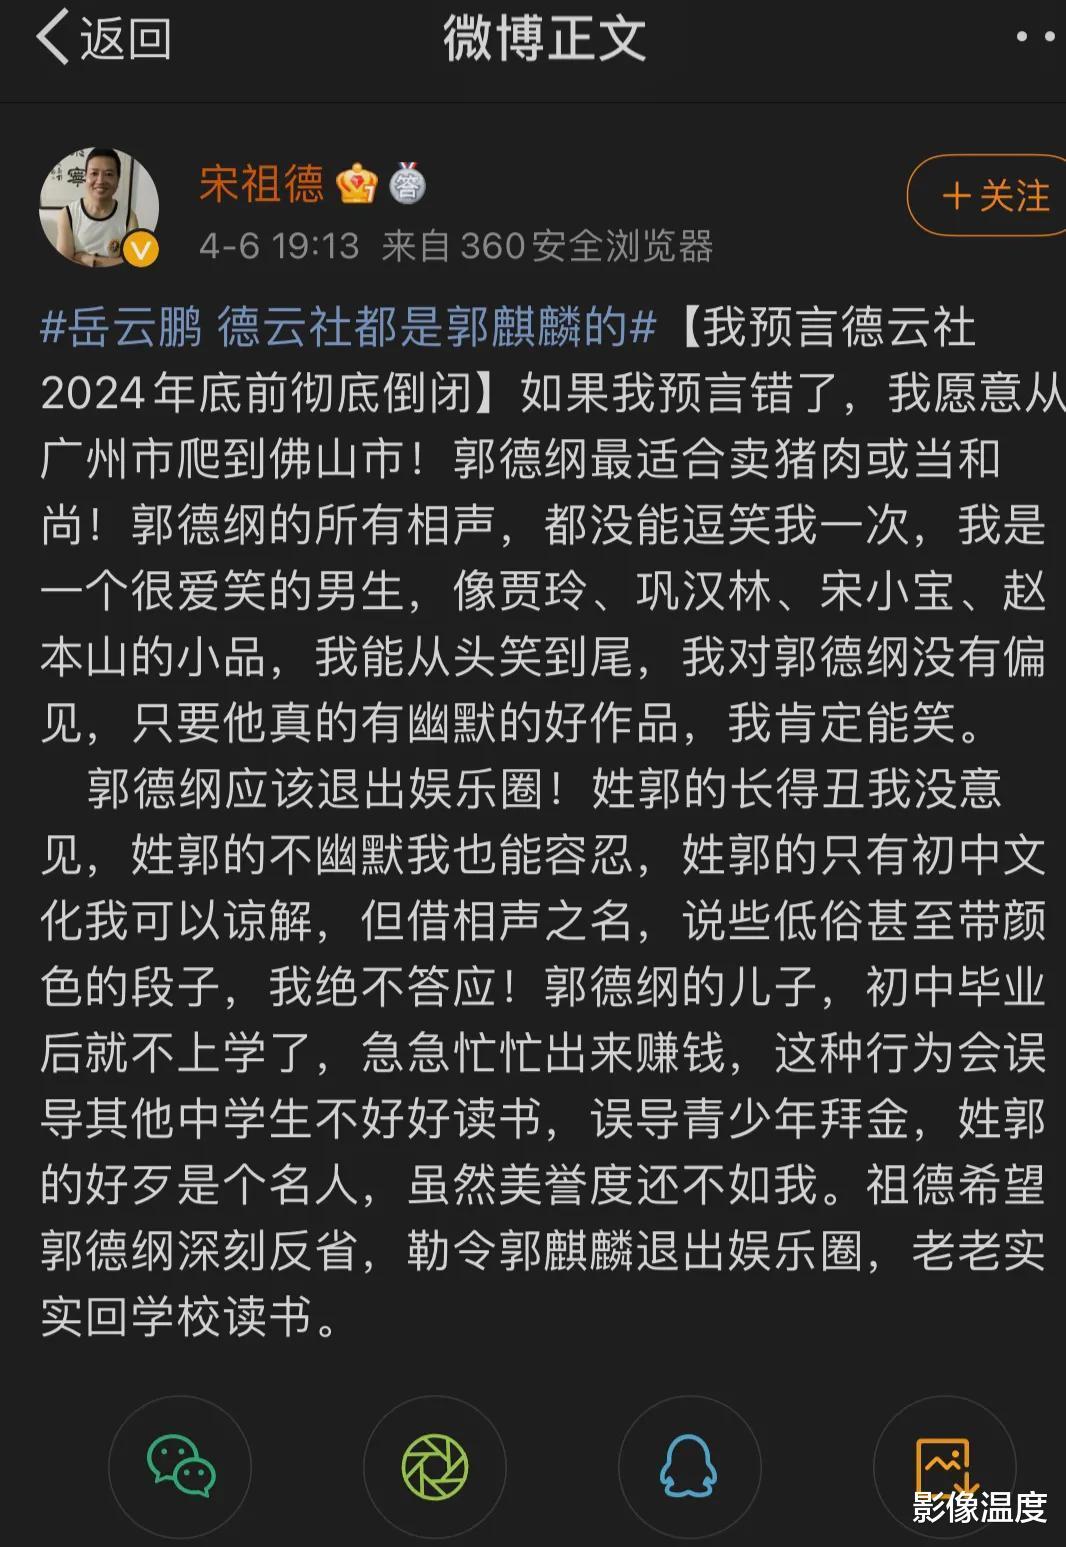 """斷言德雲社2024年倒閉,痛罵郭德綱:他為何如此""""狂妄囂張""""?-圖2"""